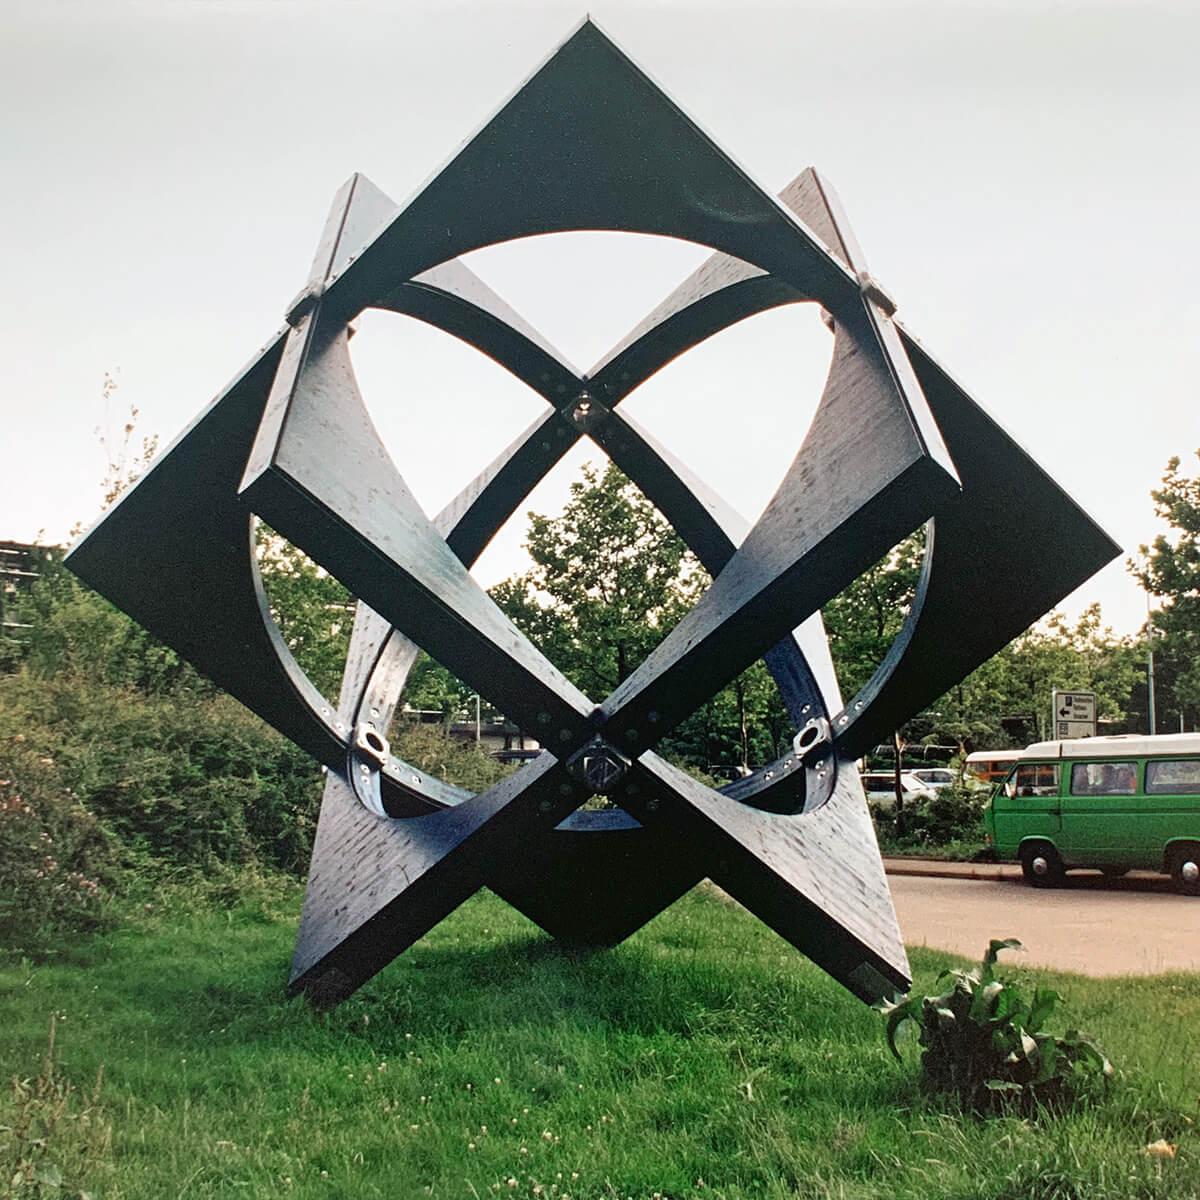 Bildhauer OMI Riesterer Karlsruhe Projekte Kugelwürfel Technisches Rathaus Freiburg